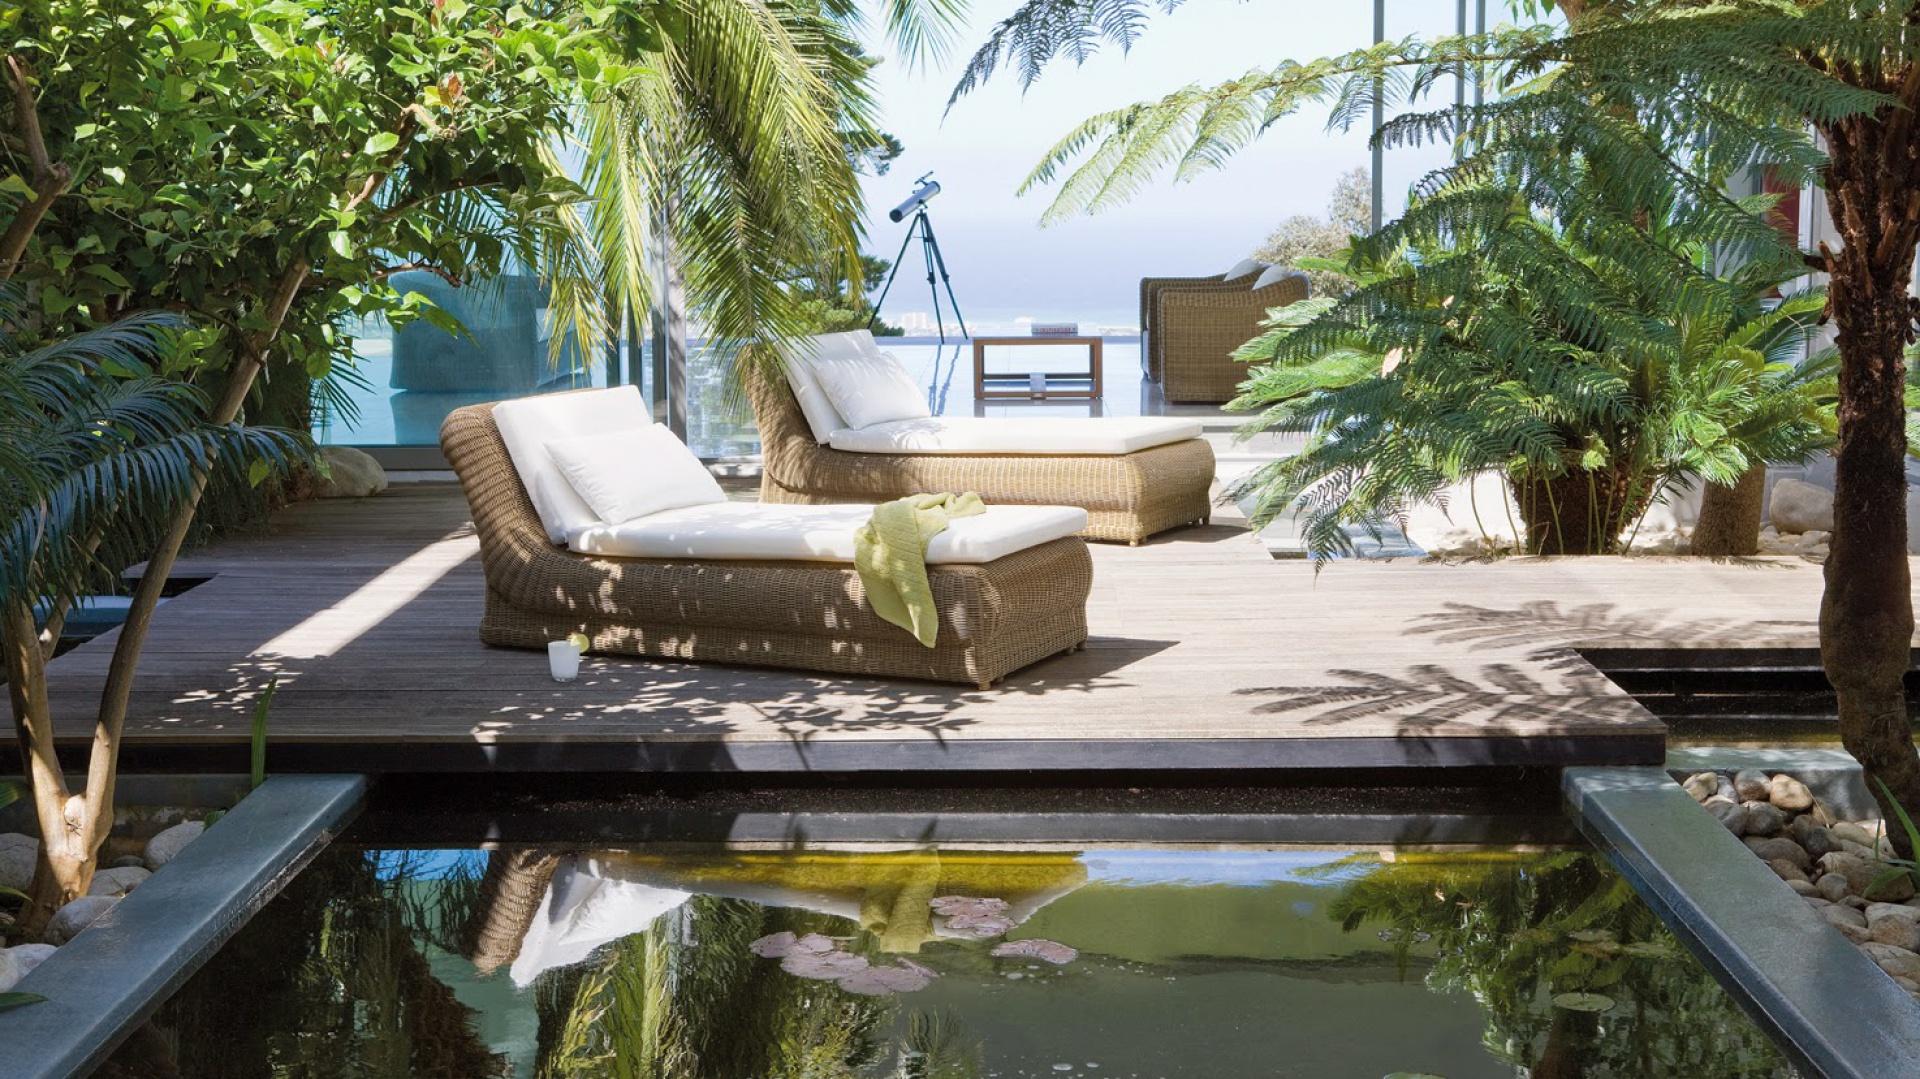 Projektując ogród na dużej posesji warto przewidzieć miejsce na oczko wodne, staw czy mały basen. Fot. Manutti.